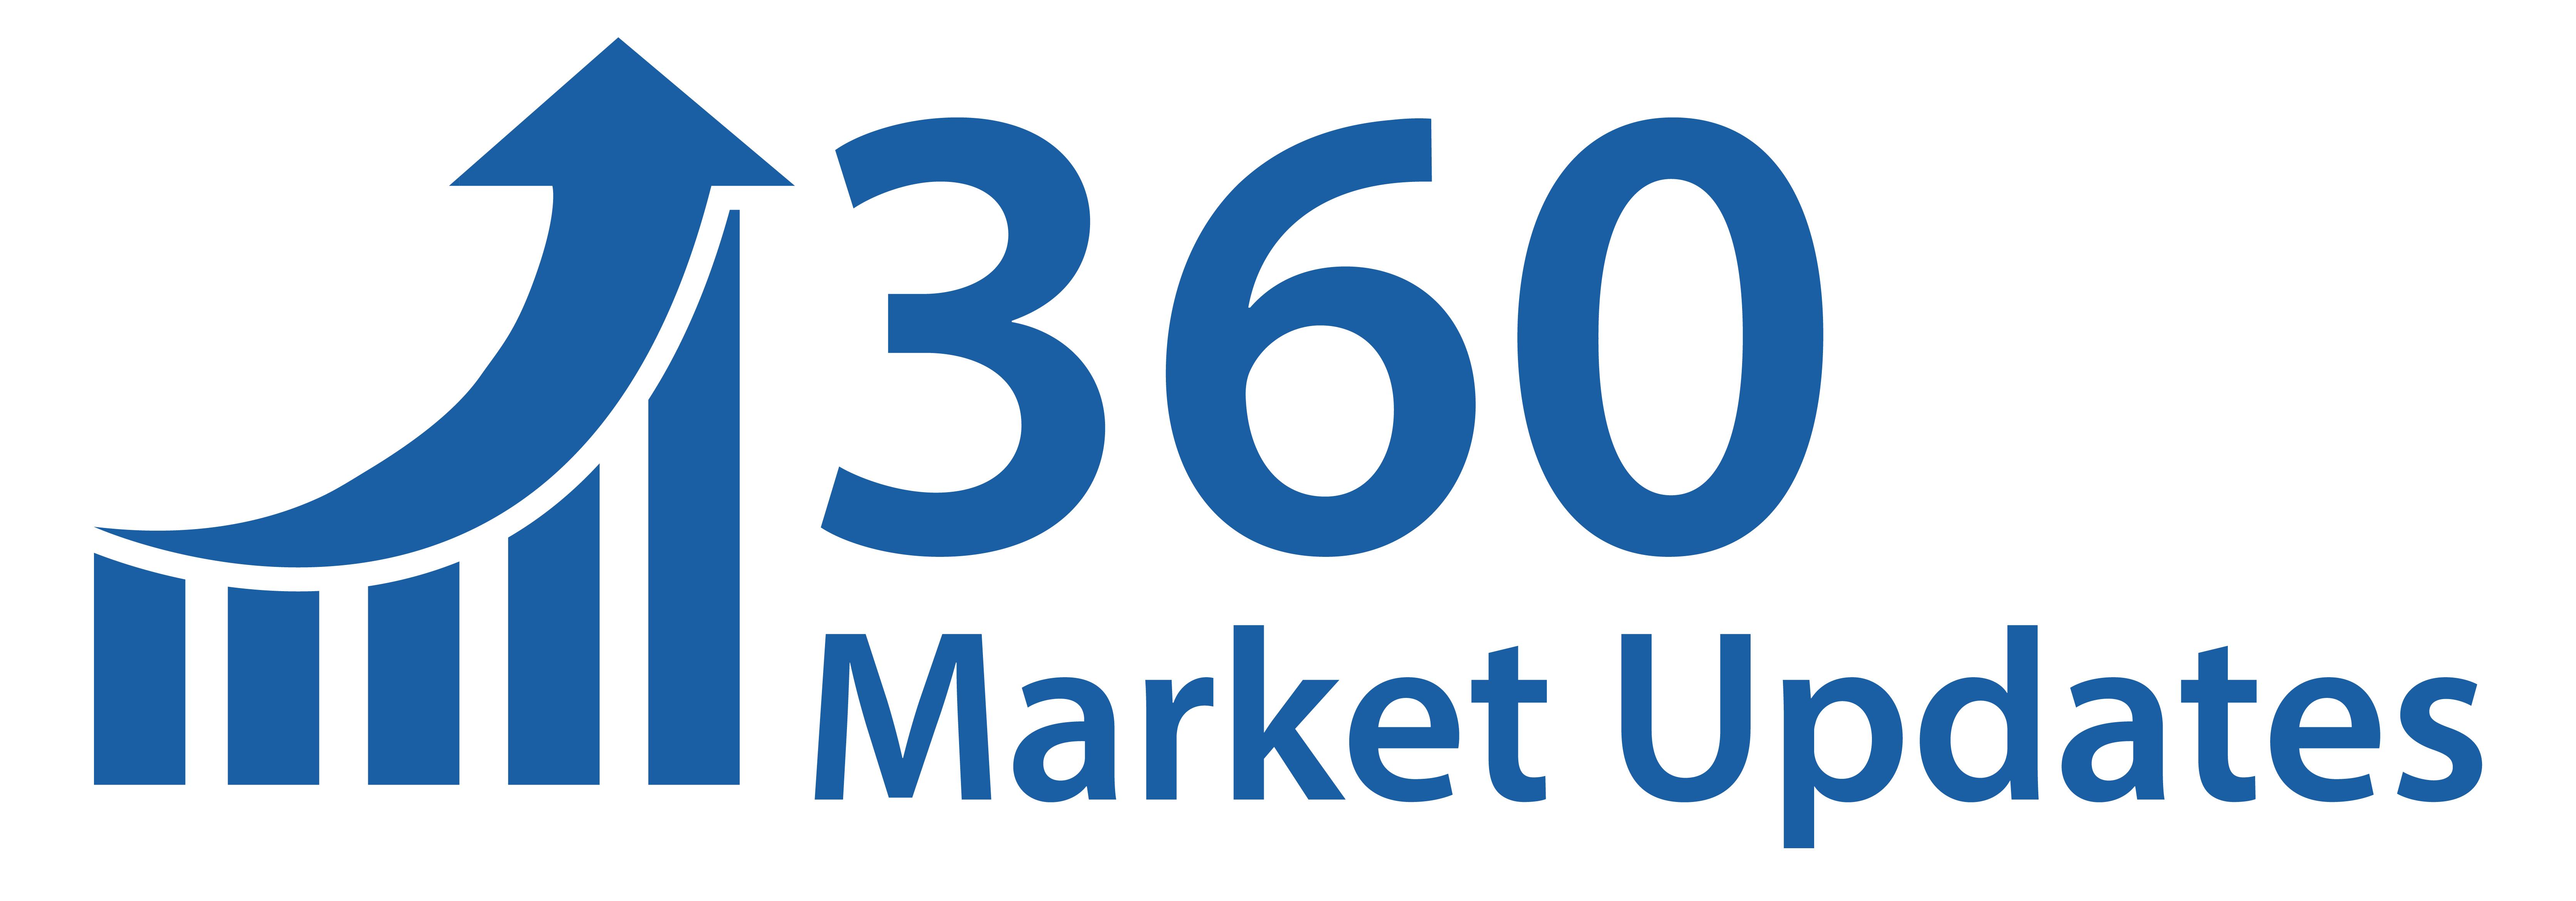 Liquid Analysis Test Kit Market 2019 – Branchennachfrage, Aktie, Größe, Zukunftstrends Pläne, Wachstumschancen, Schlüsselakteure, Anwendung, Nachfrage, Branchenforschungsbericht von Regional Forecast to 2025